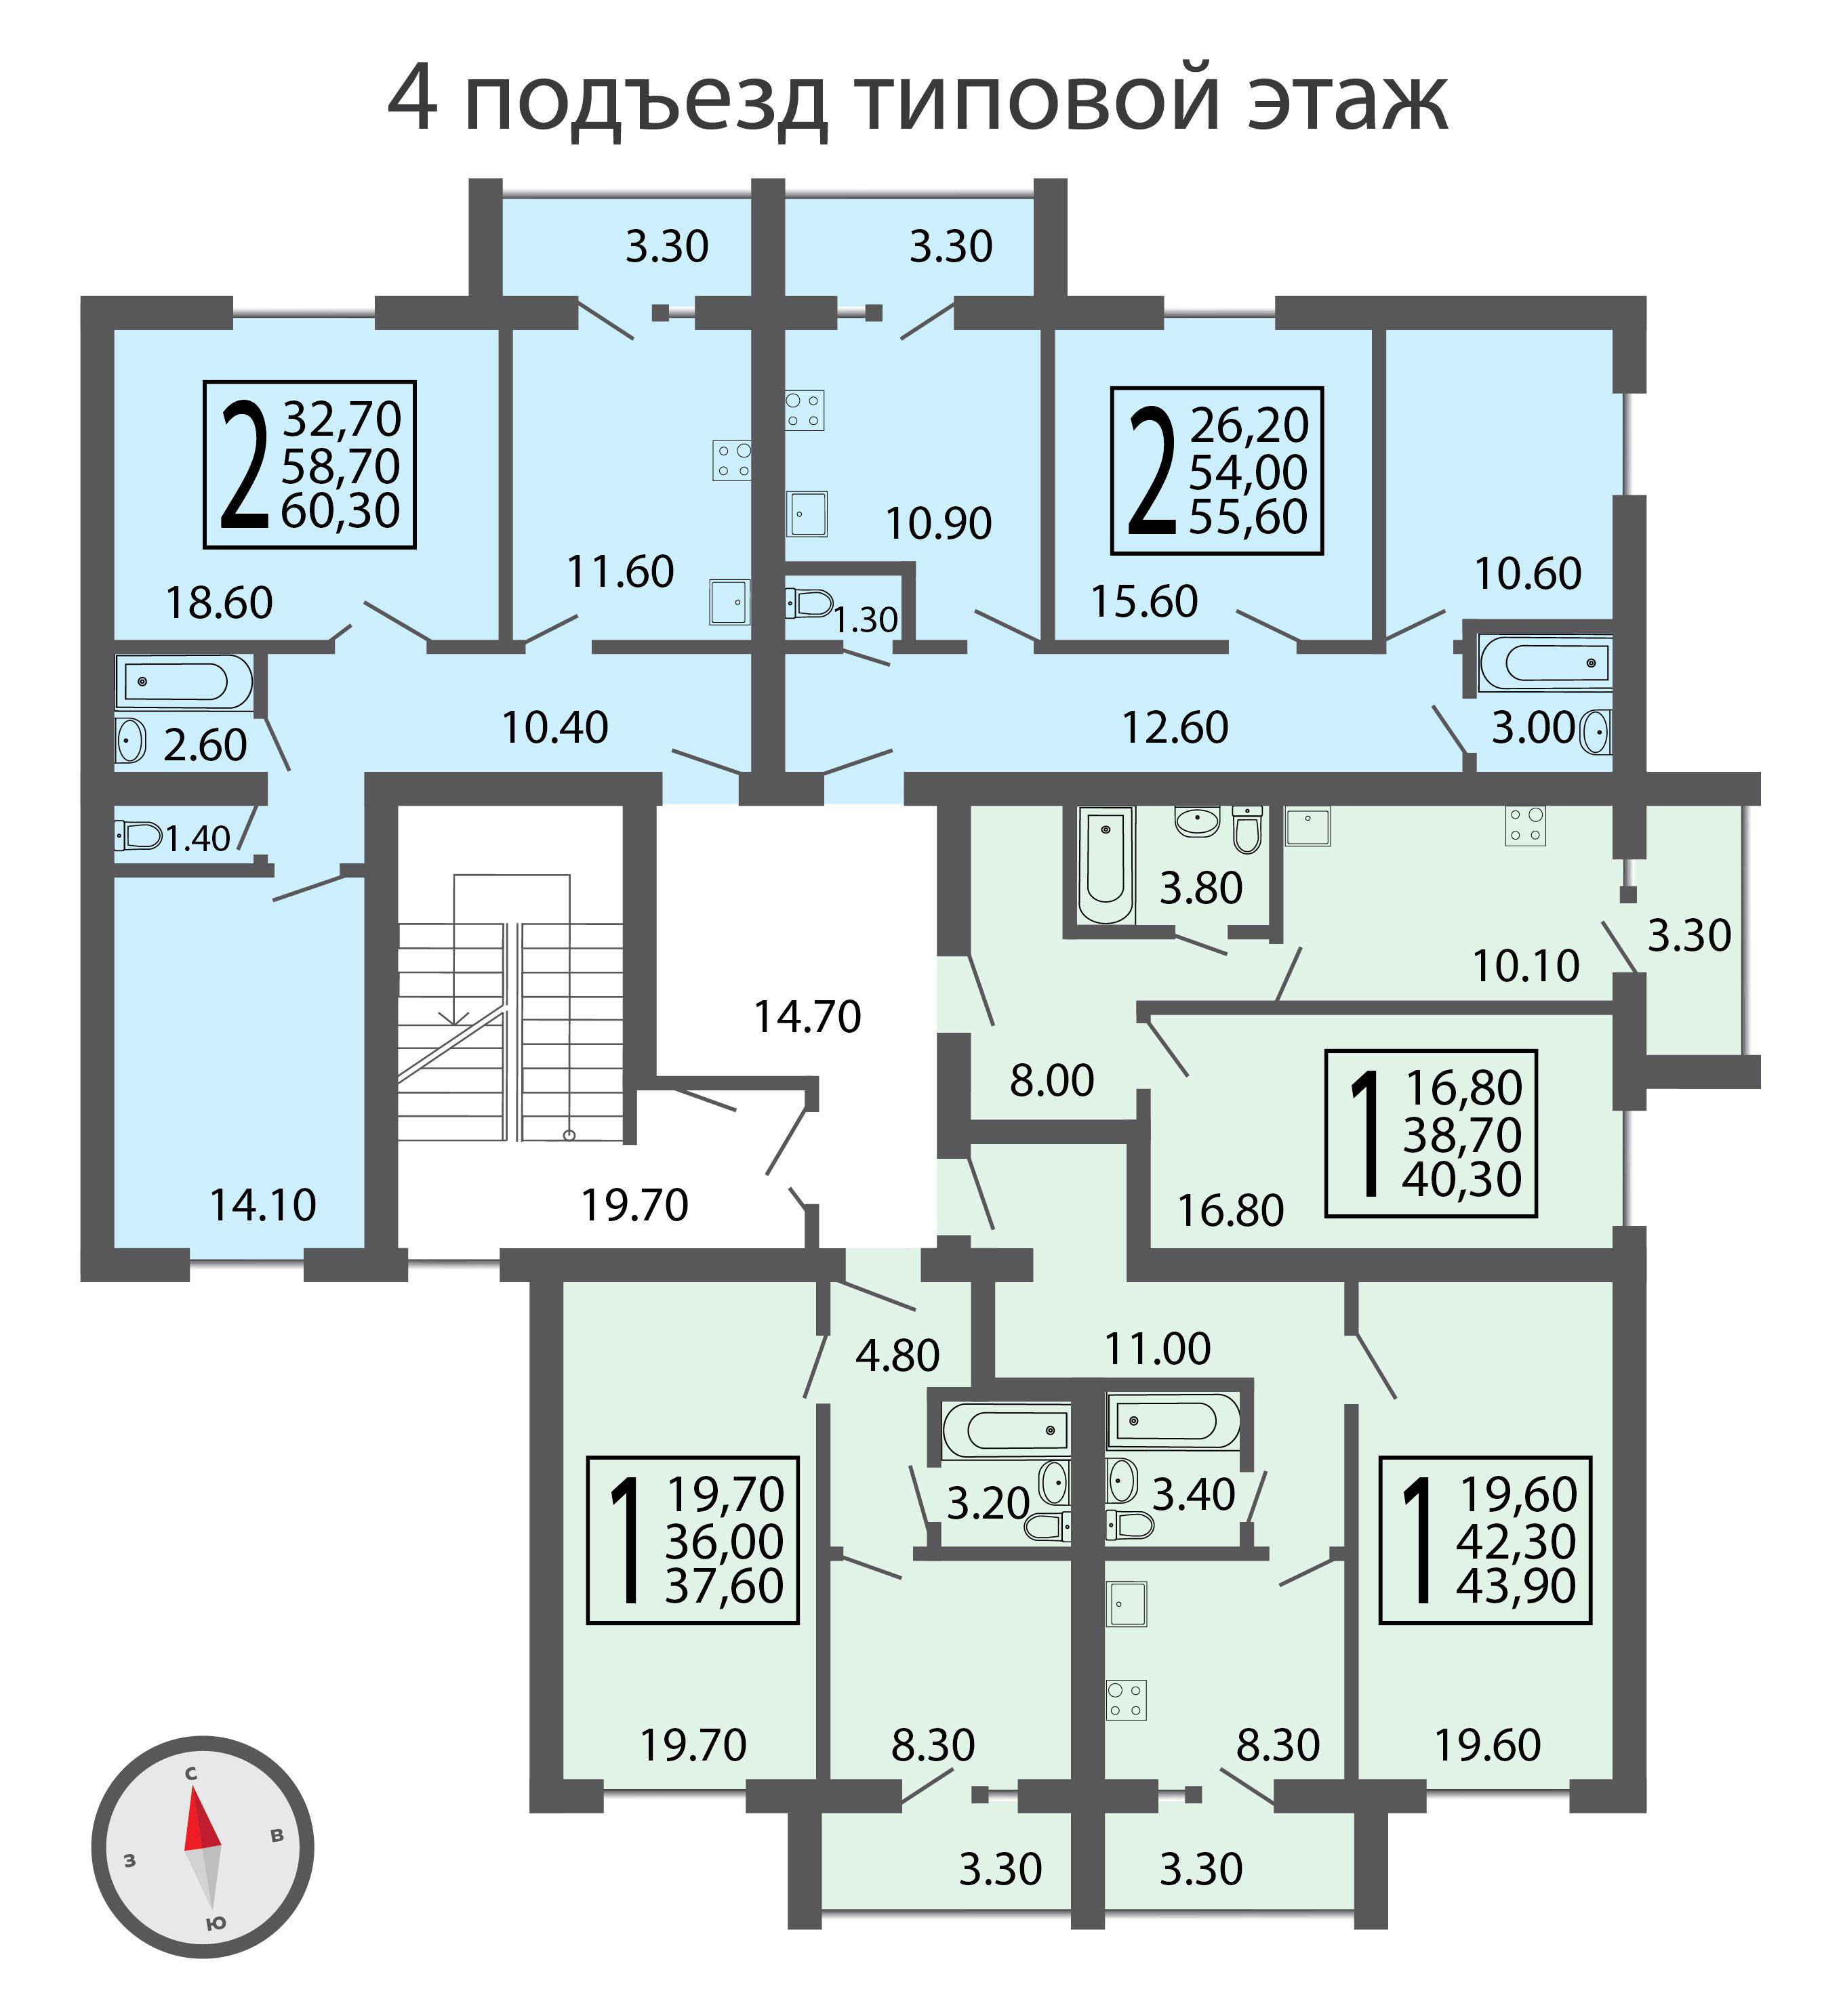 4 подъезд типовой этаж-01